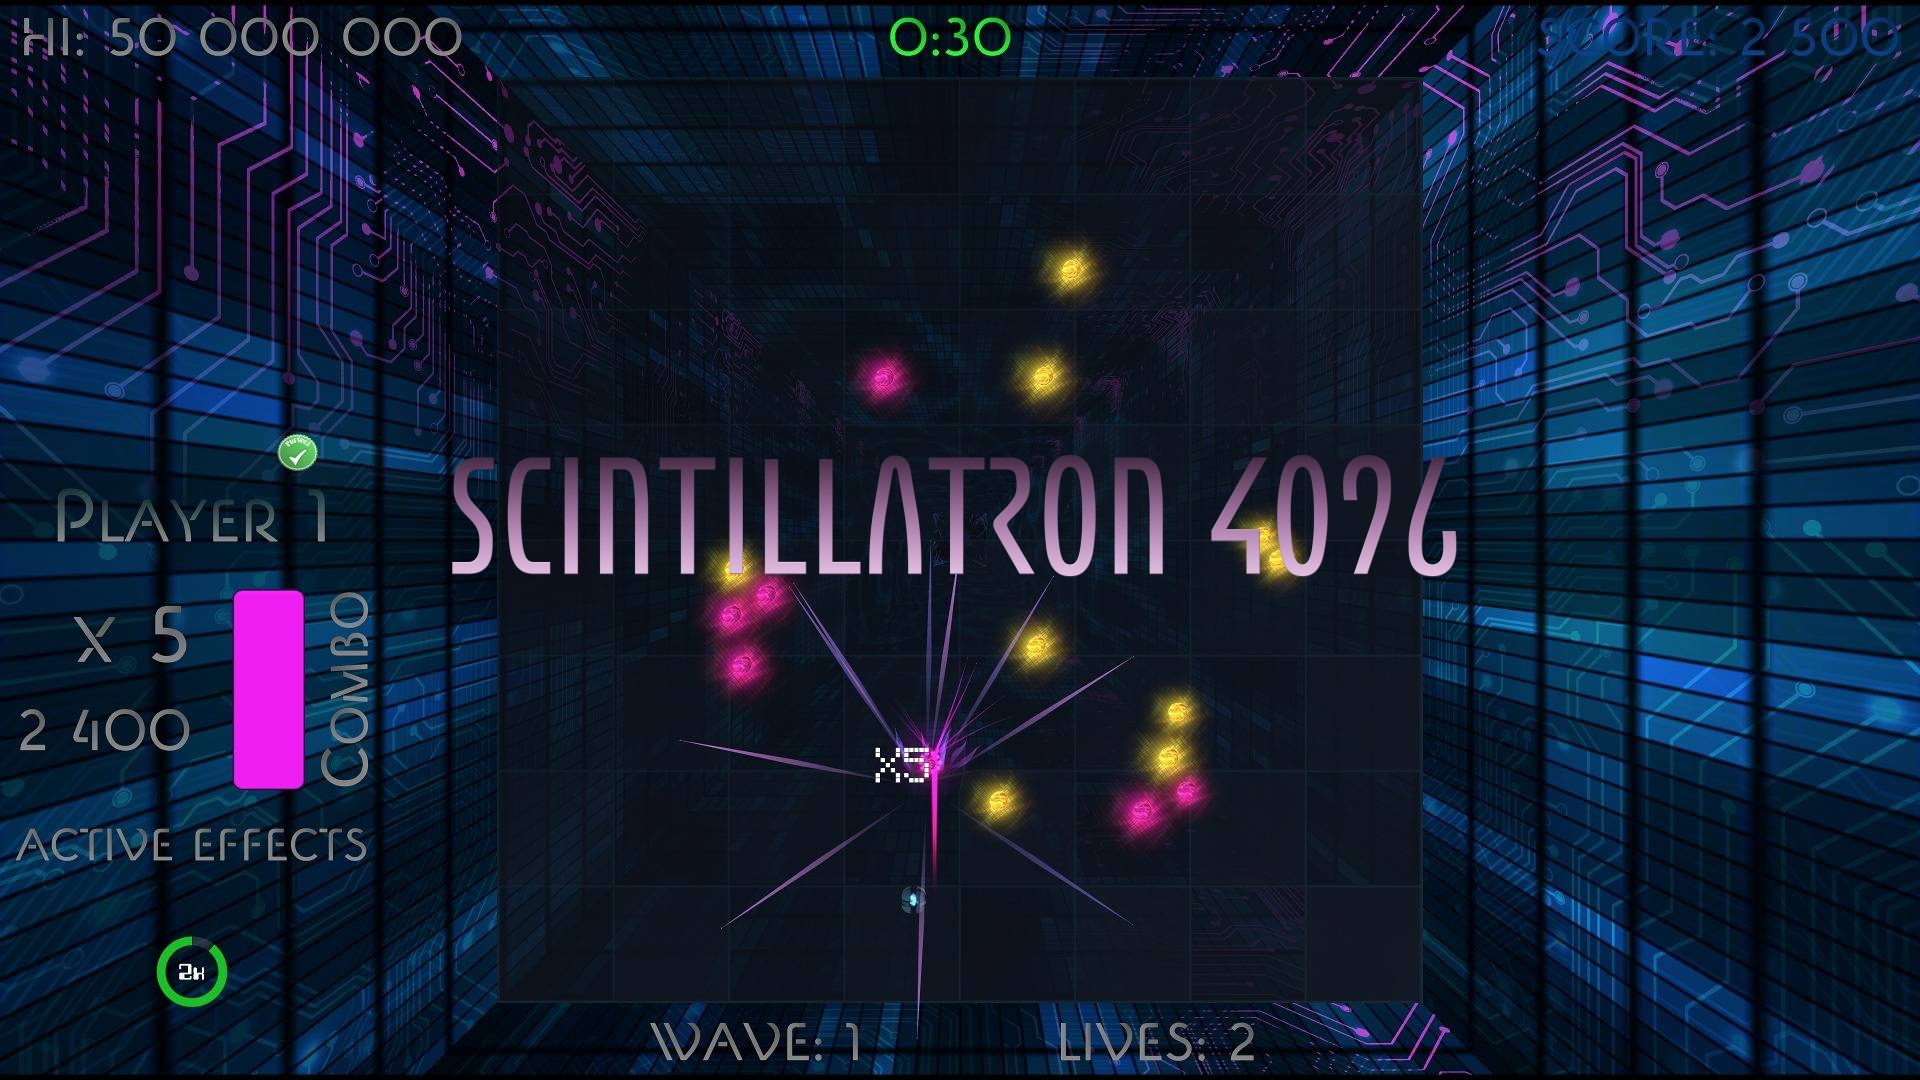 Scintillatron 4096 – PS4 | Review